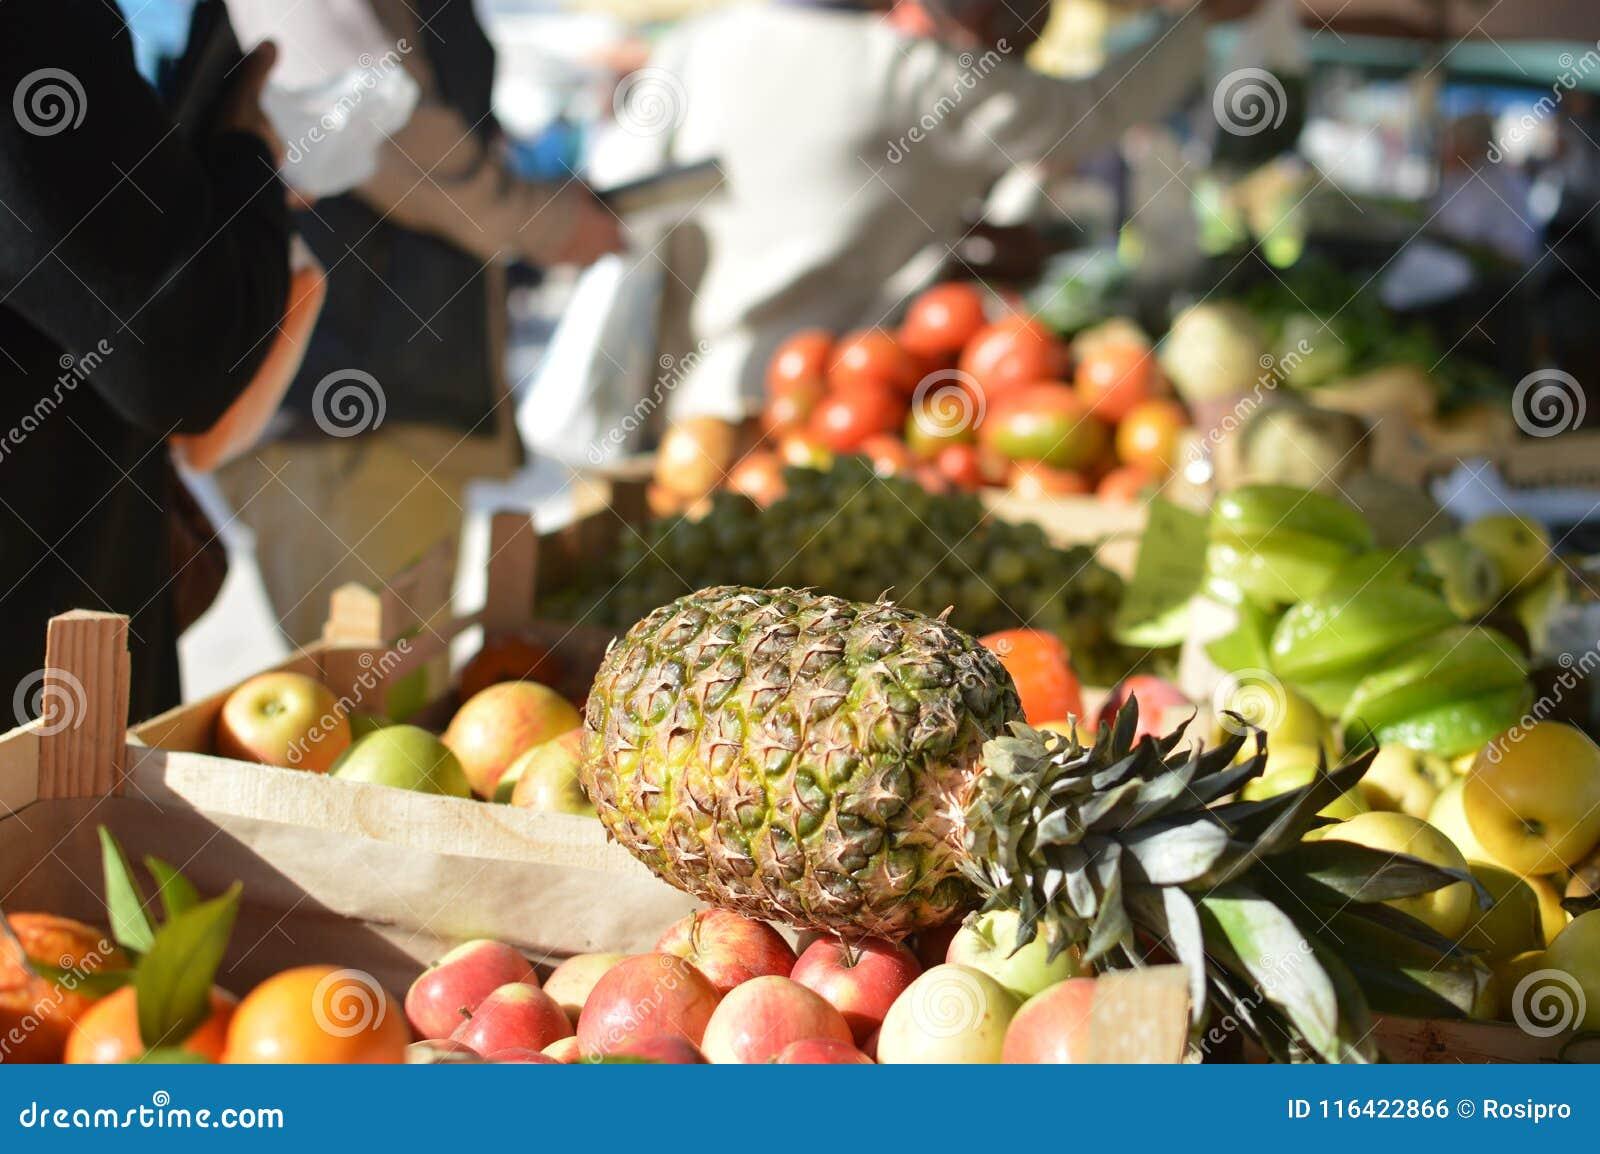 Raisins et ananas frais sur l épicerie dans le supermarché saison de fruit vitamines et santé